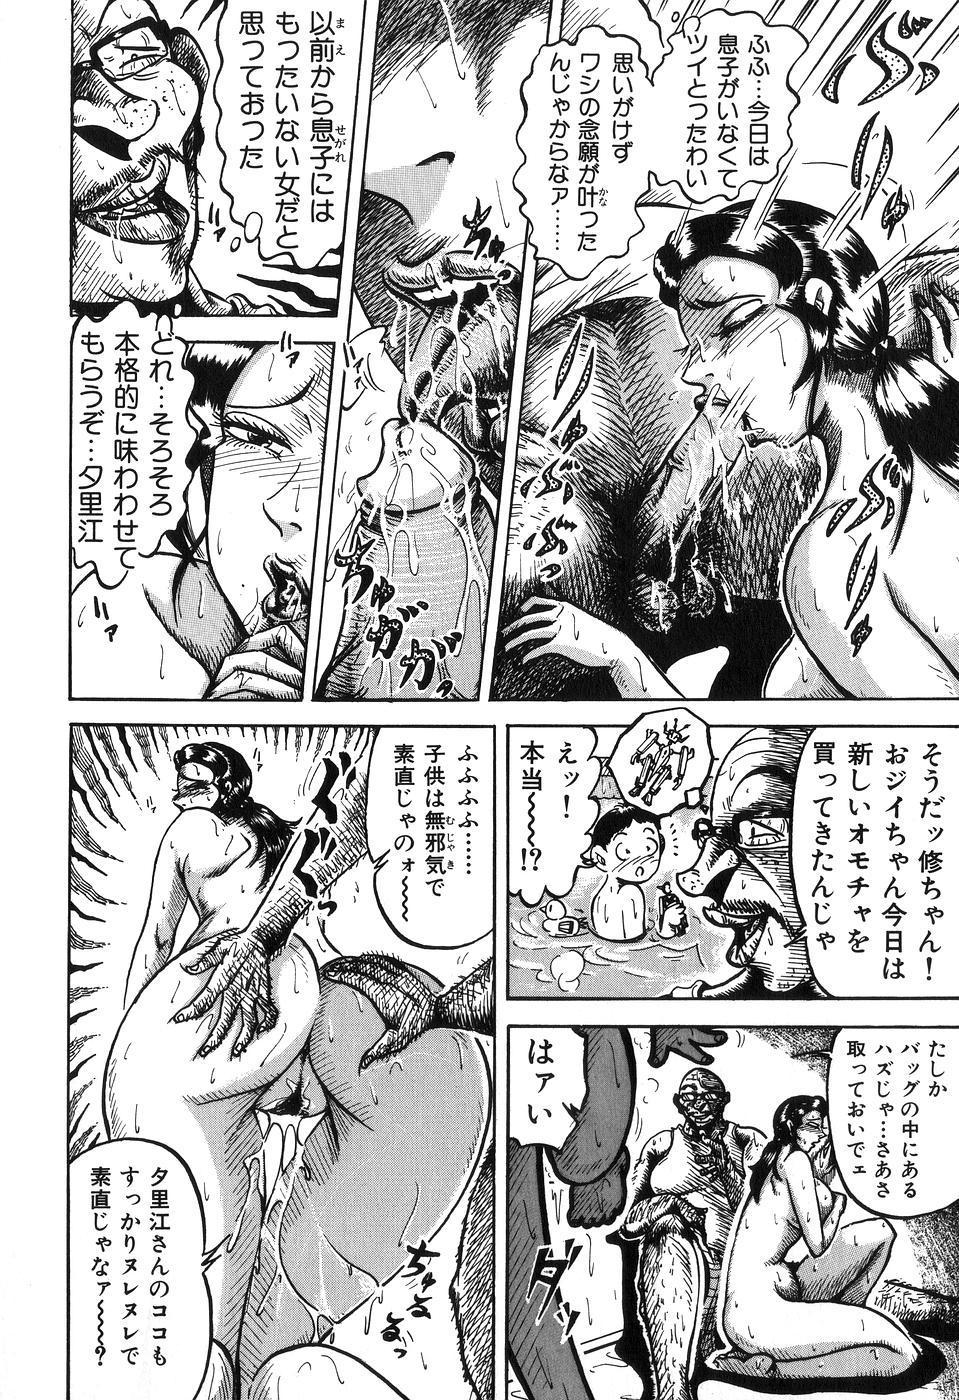 Jukubo Soukan Yosoji no Tawamure 12